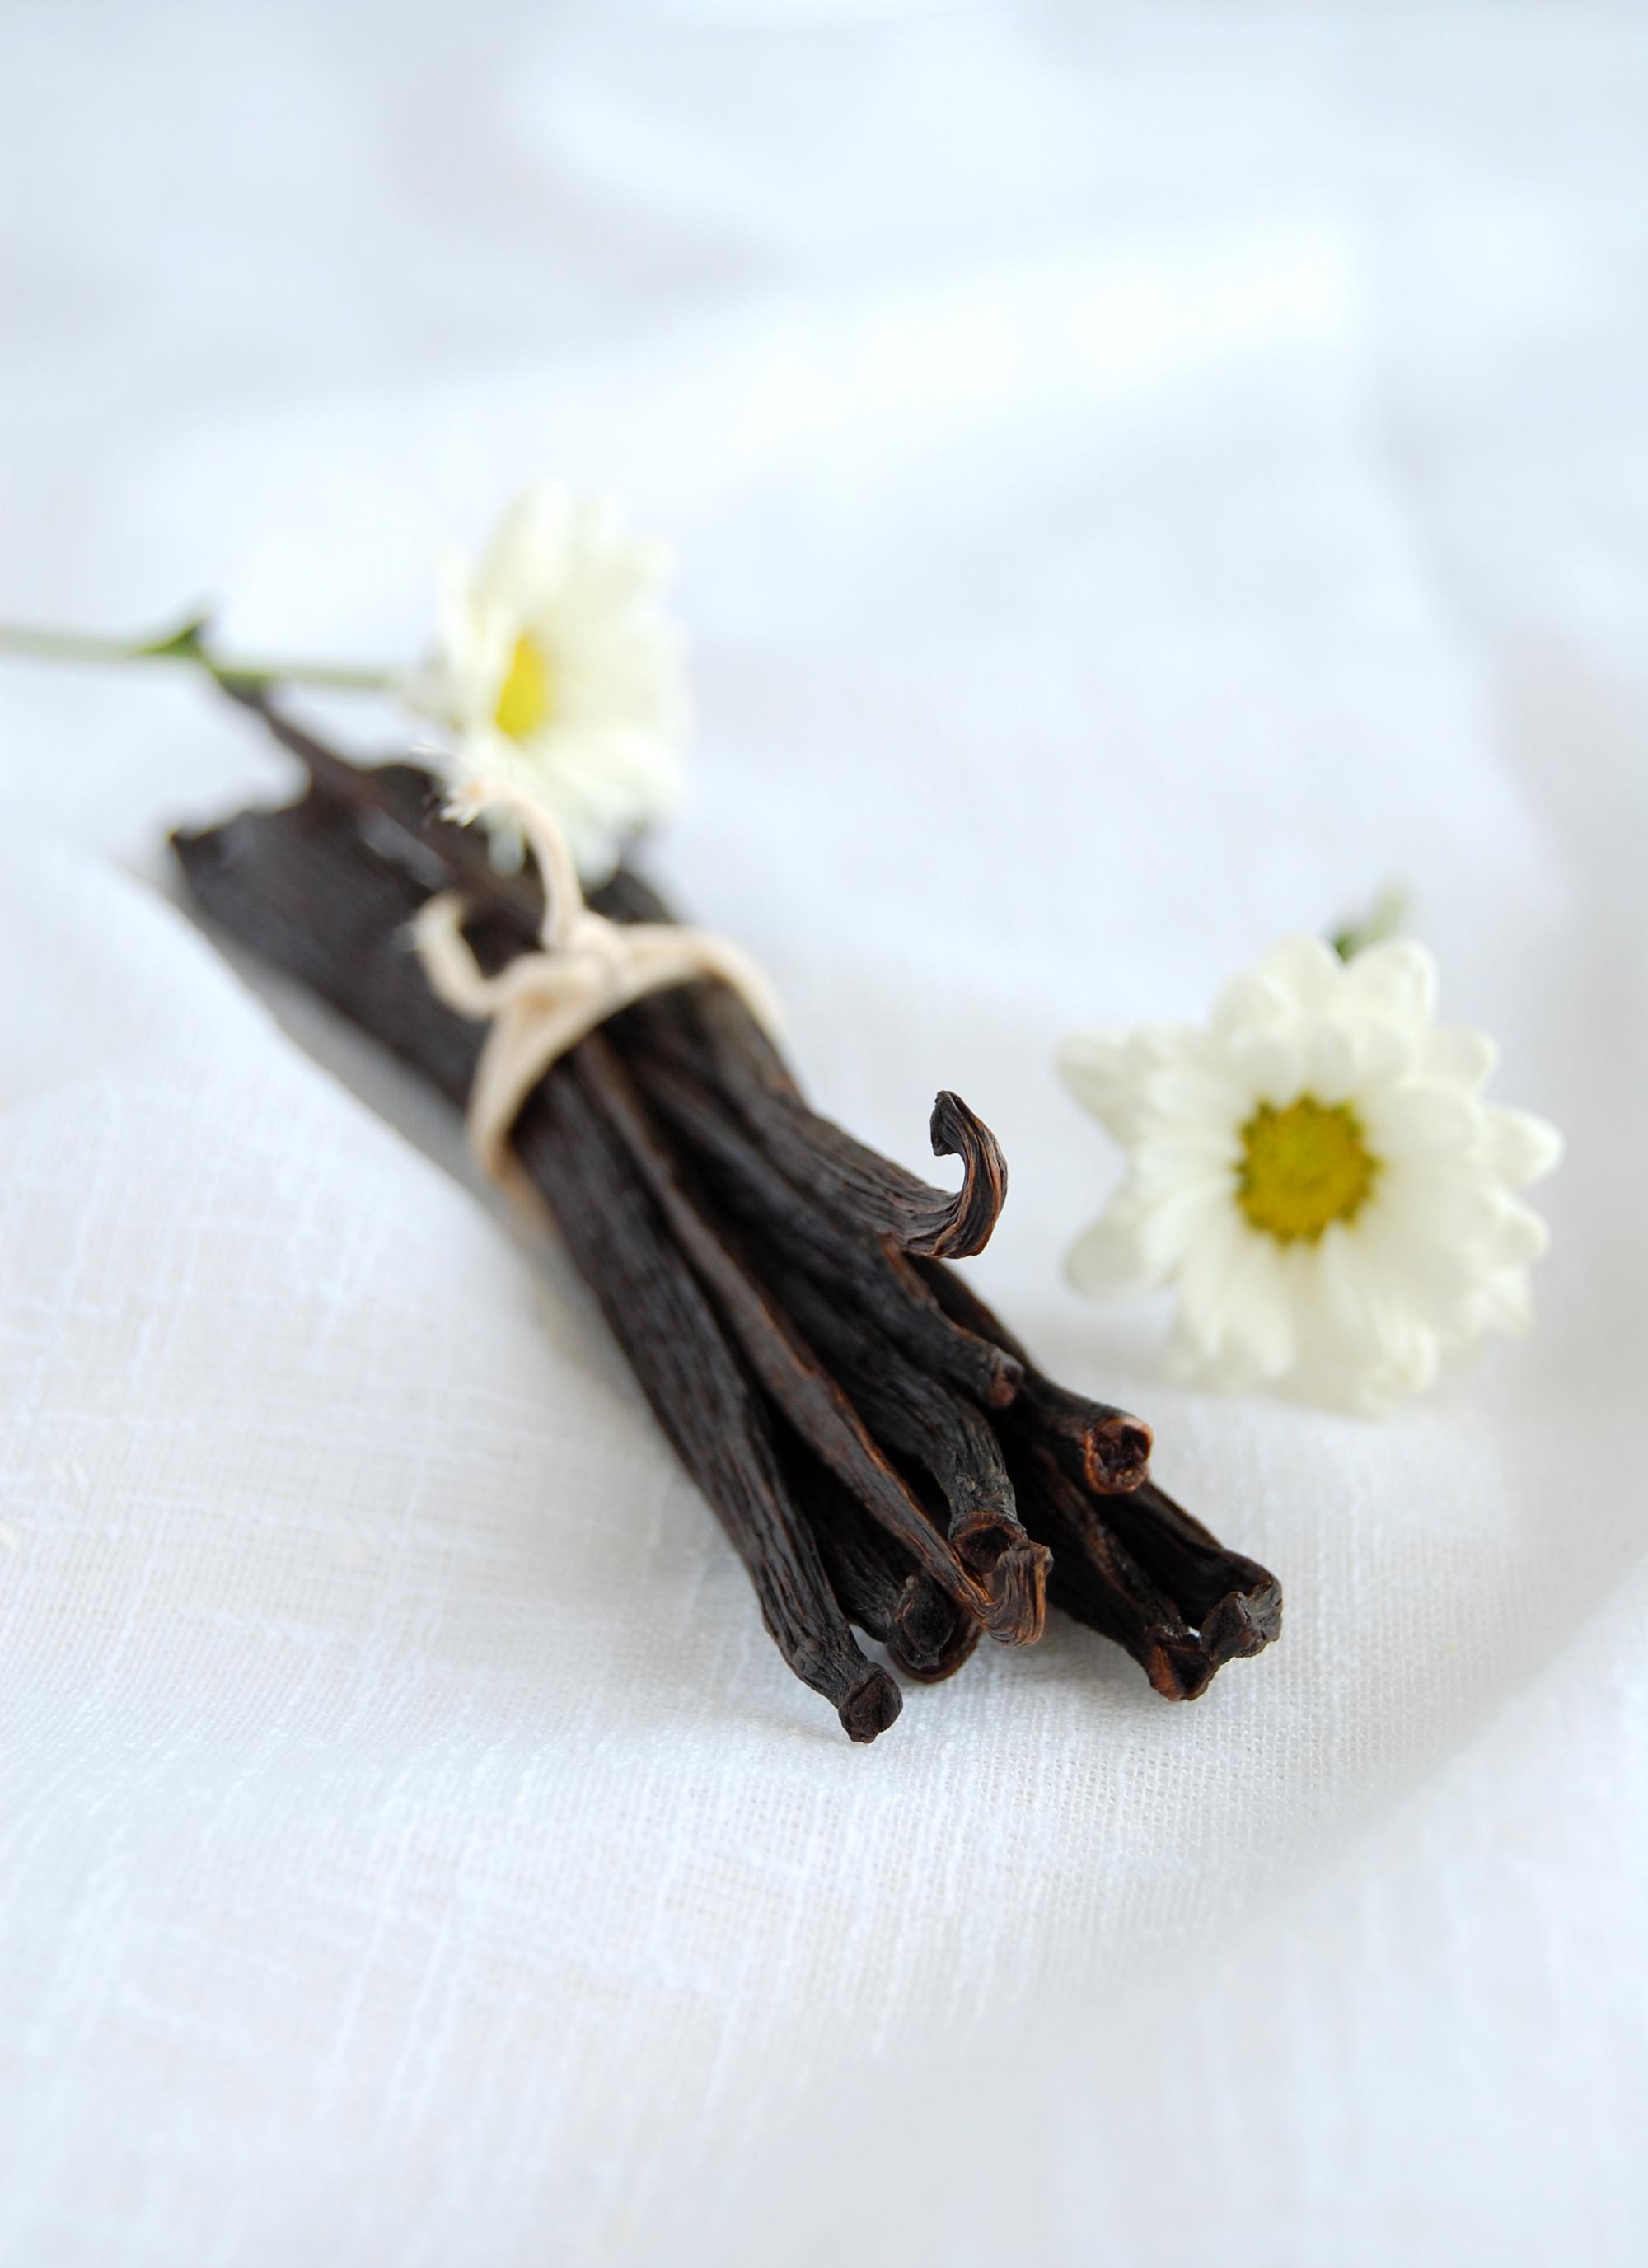 White chocolate and vanilla fudge cakes / Bolinhos fudge de baunilha e chocolate branco